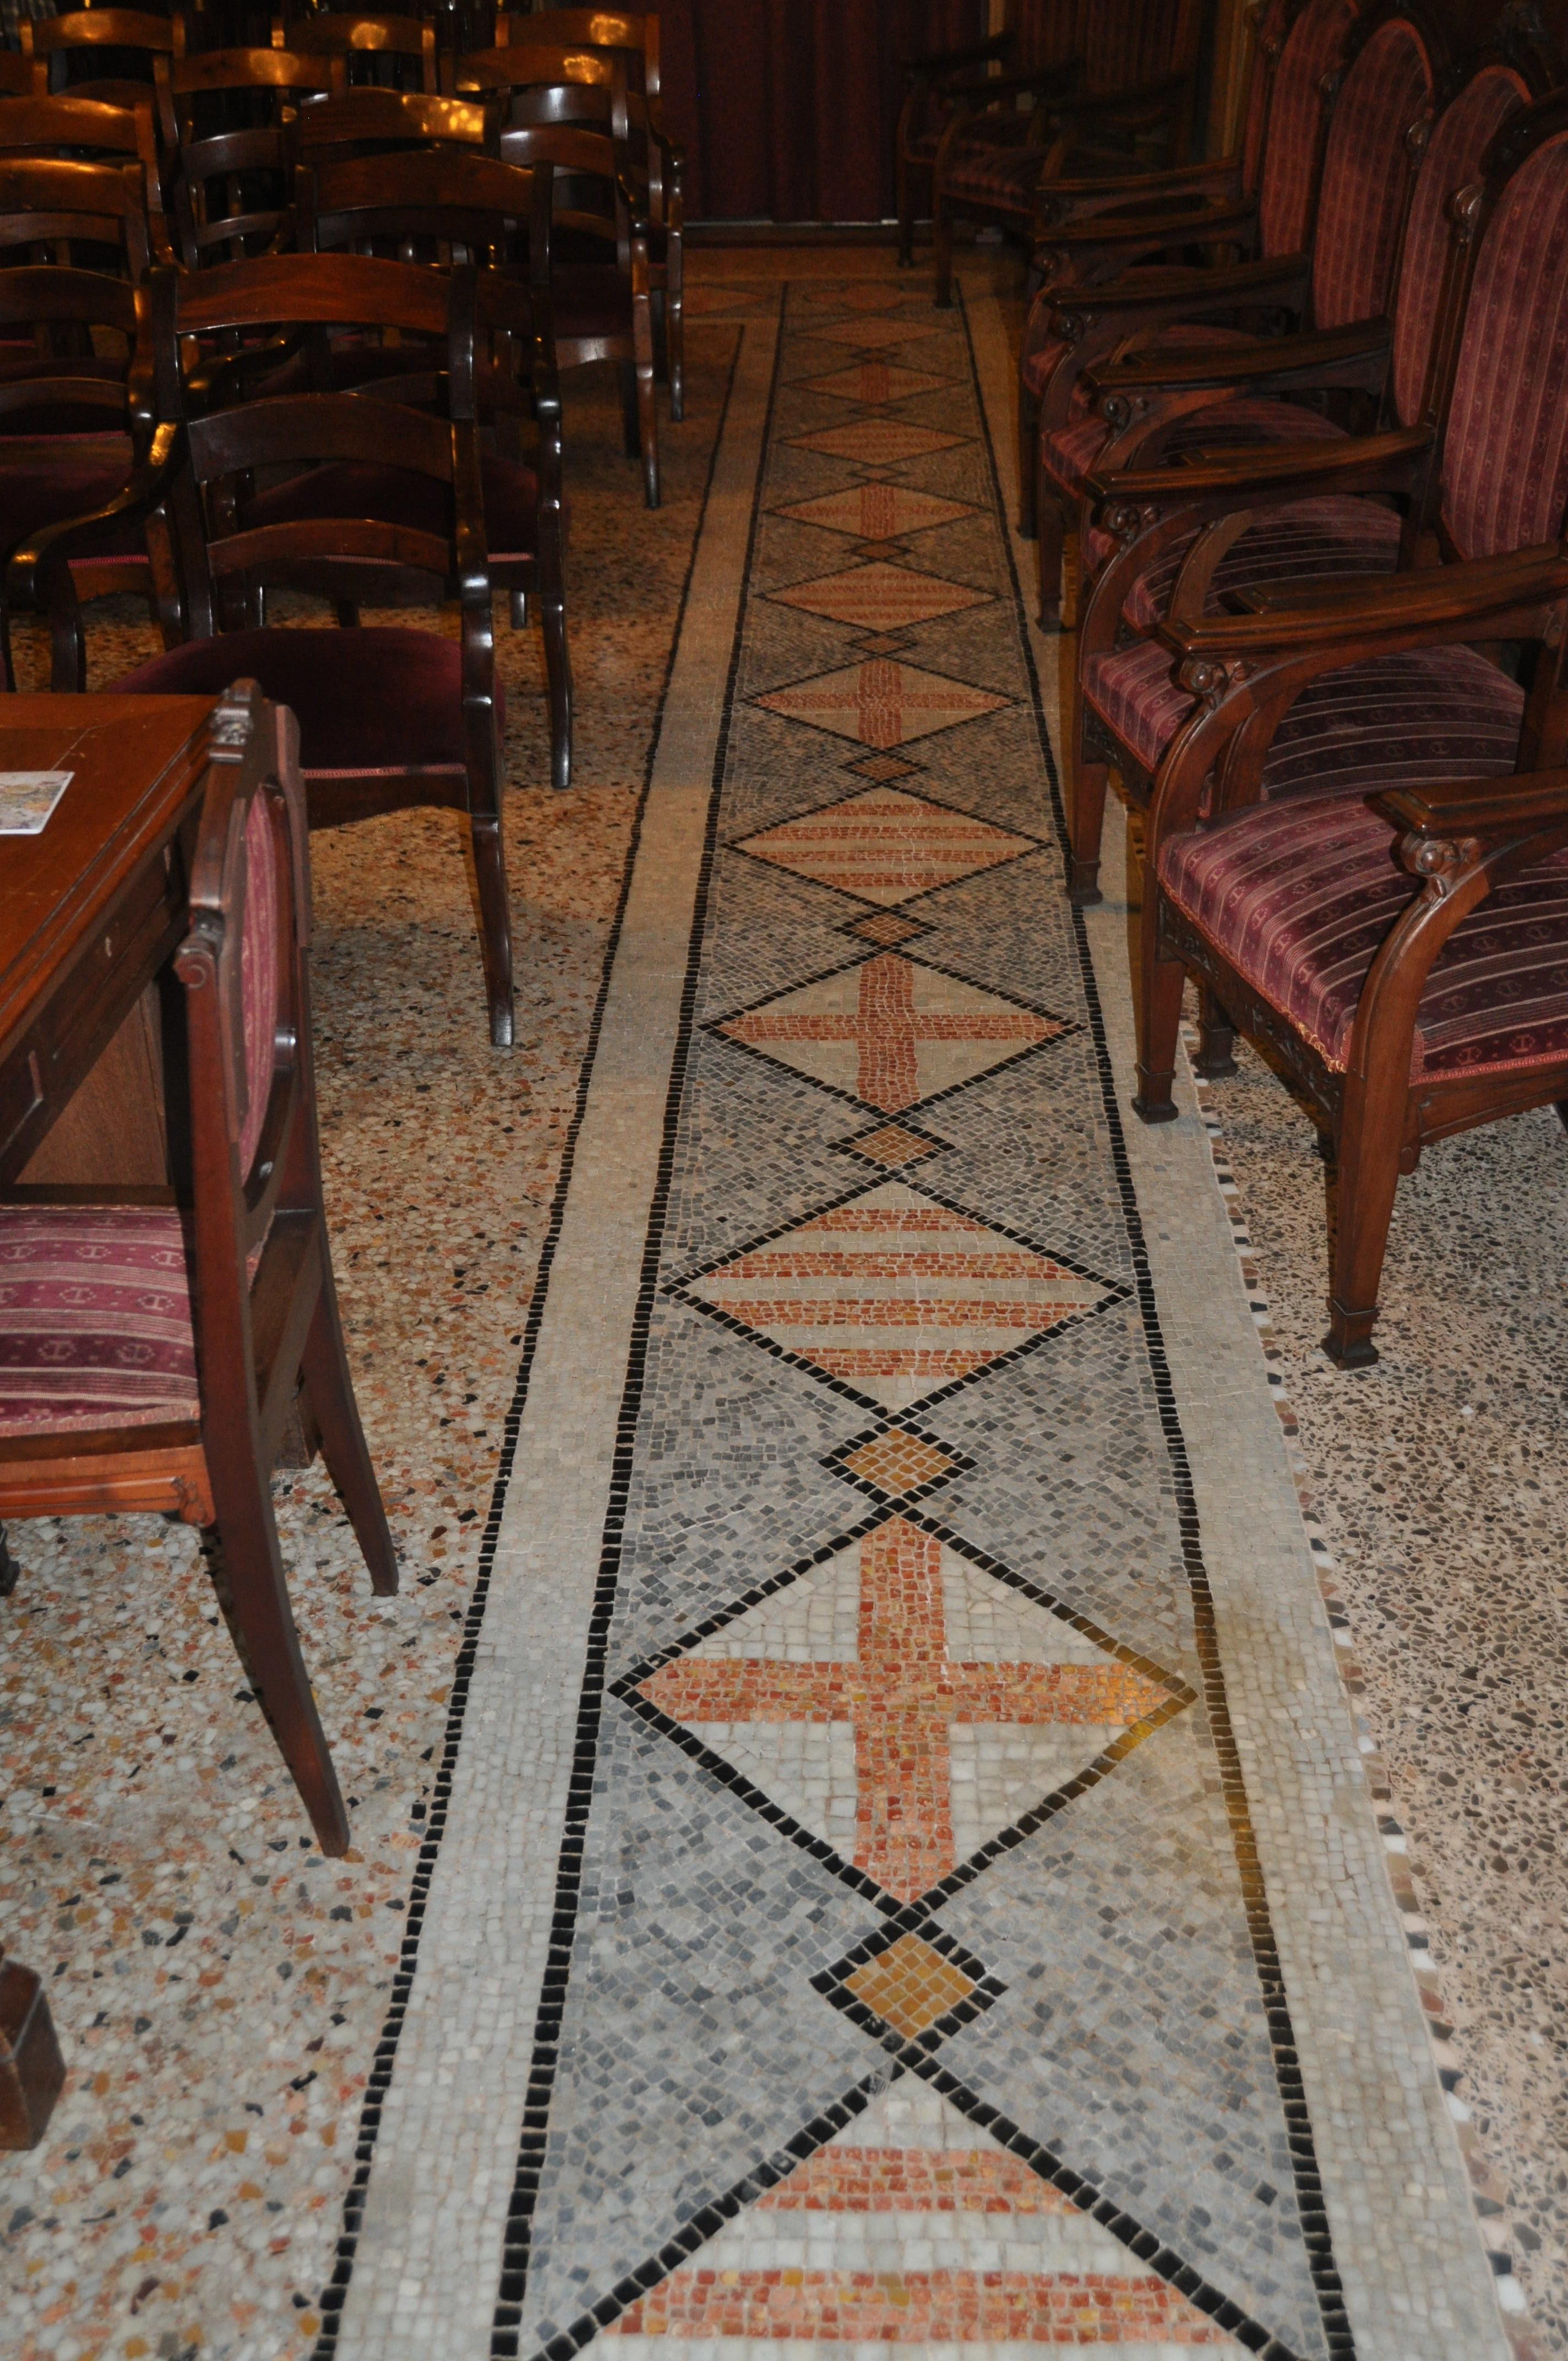 7. RACAB, aspecte del mosaic després de la intervenció (Foto: Servei d'Arqueologia)